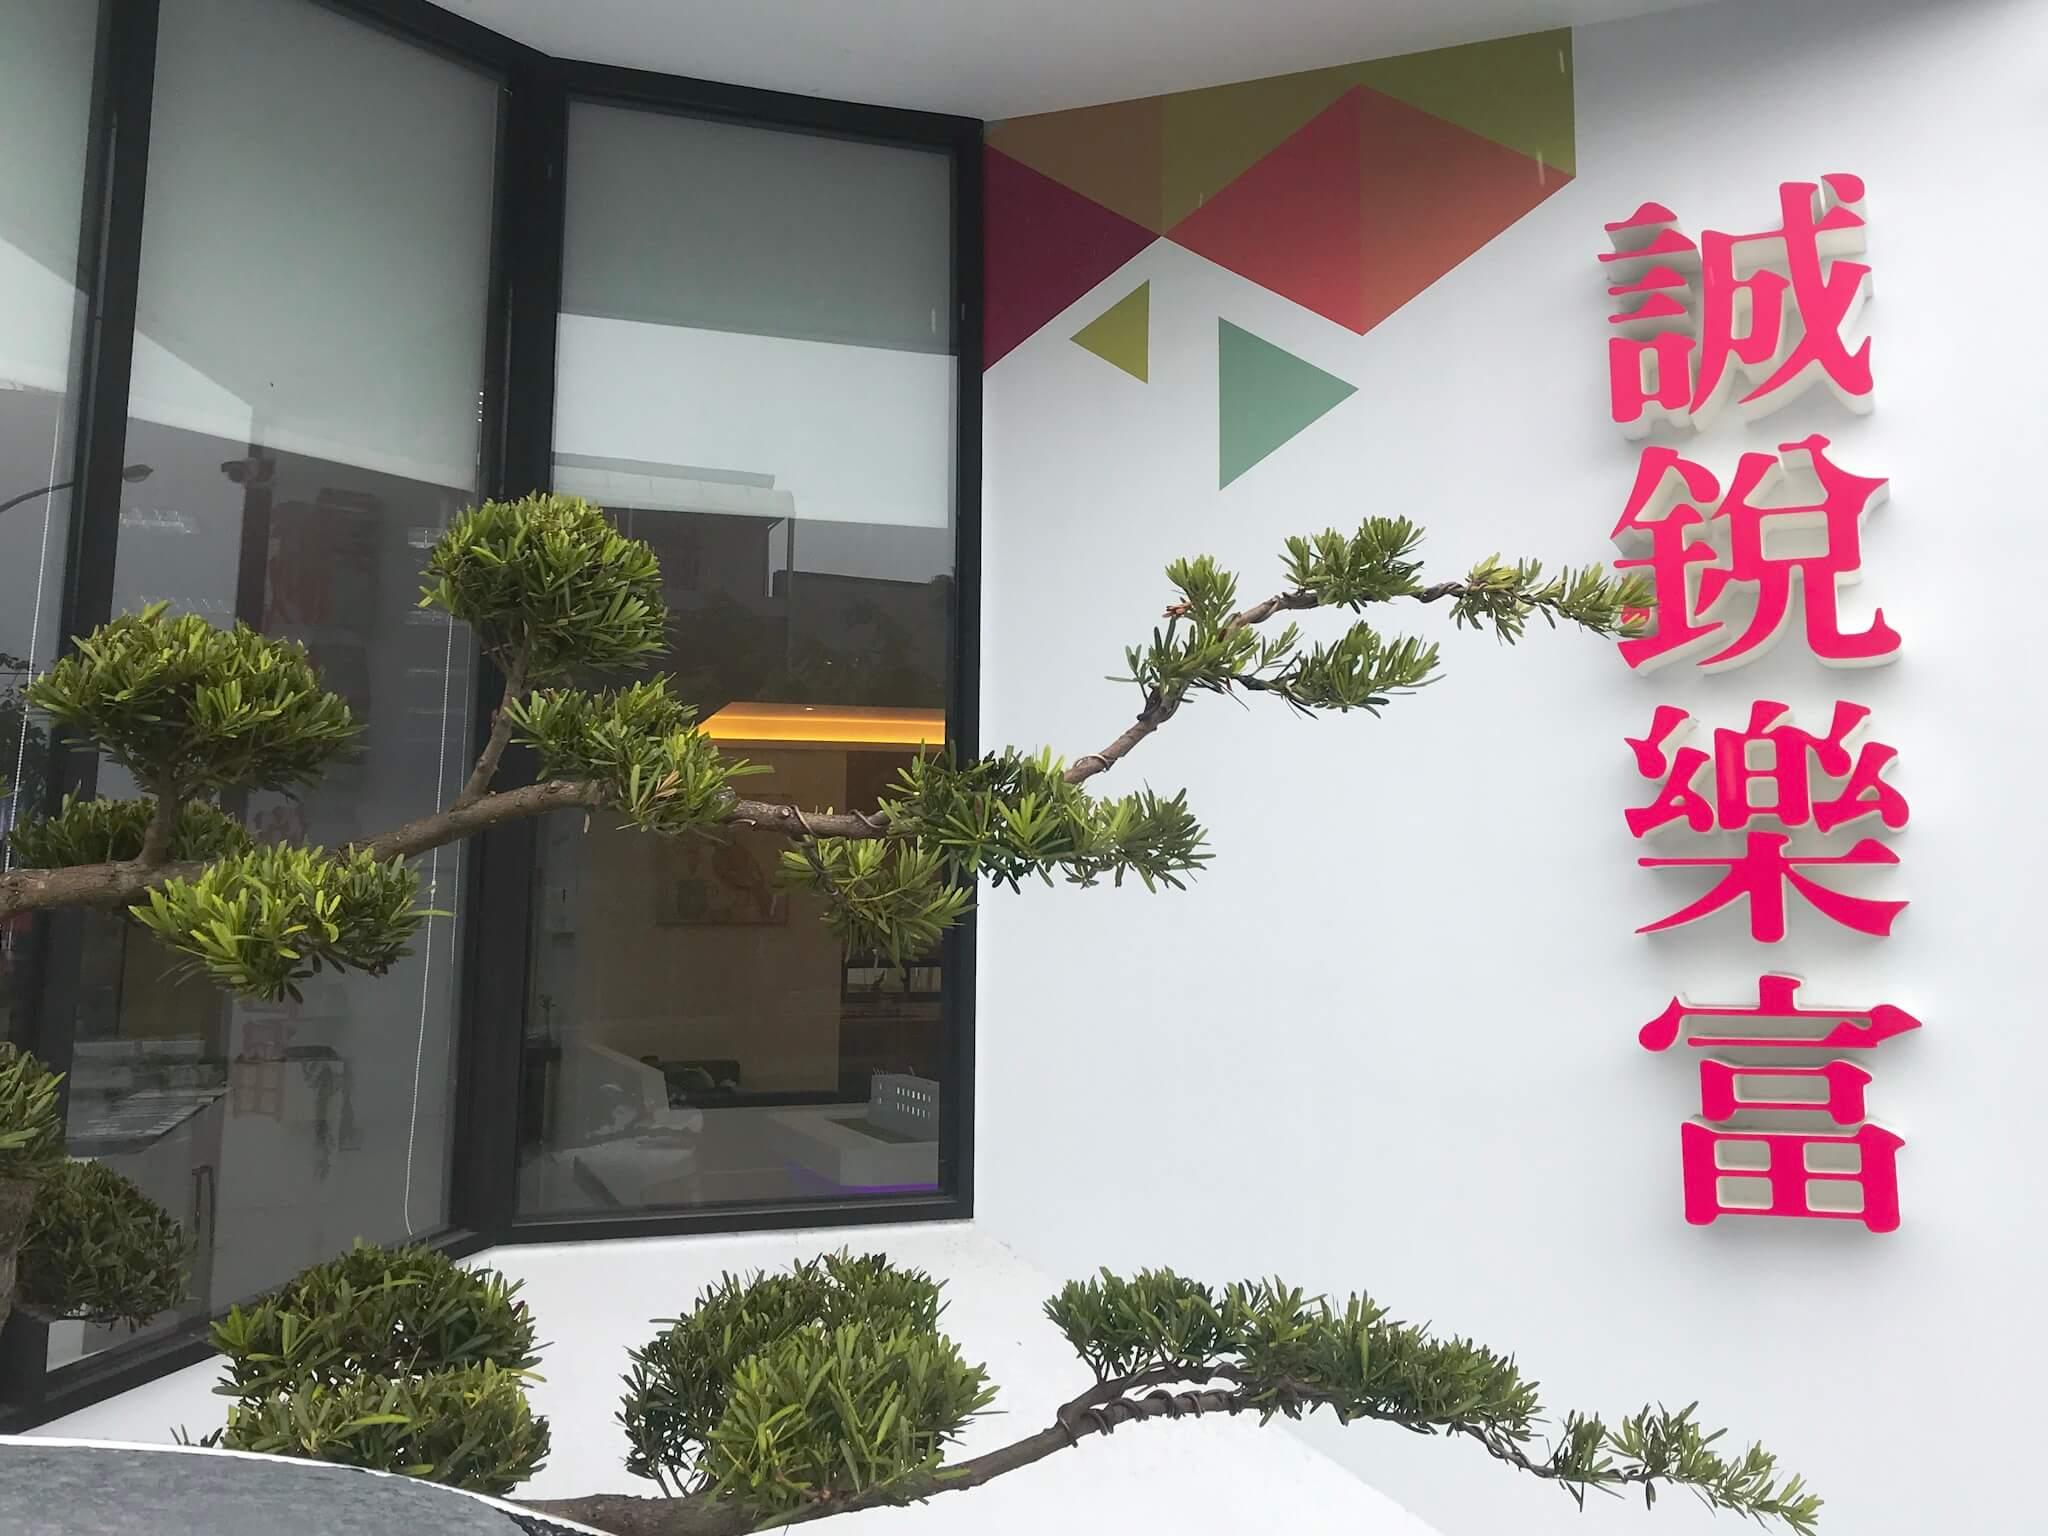 圖片:台南安定 透天別墅 誠銳建設-誠銳樂富:繁華入宅靜 雙車獨門院